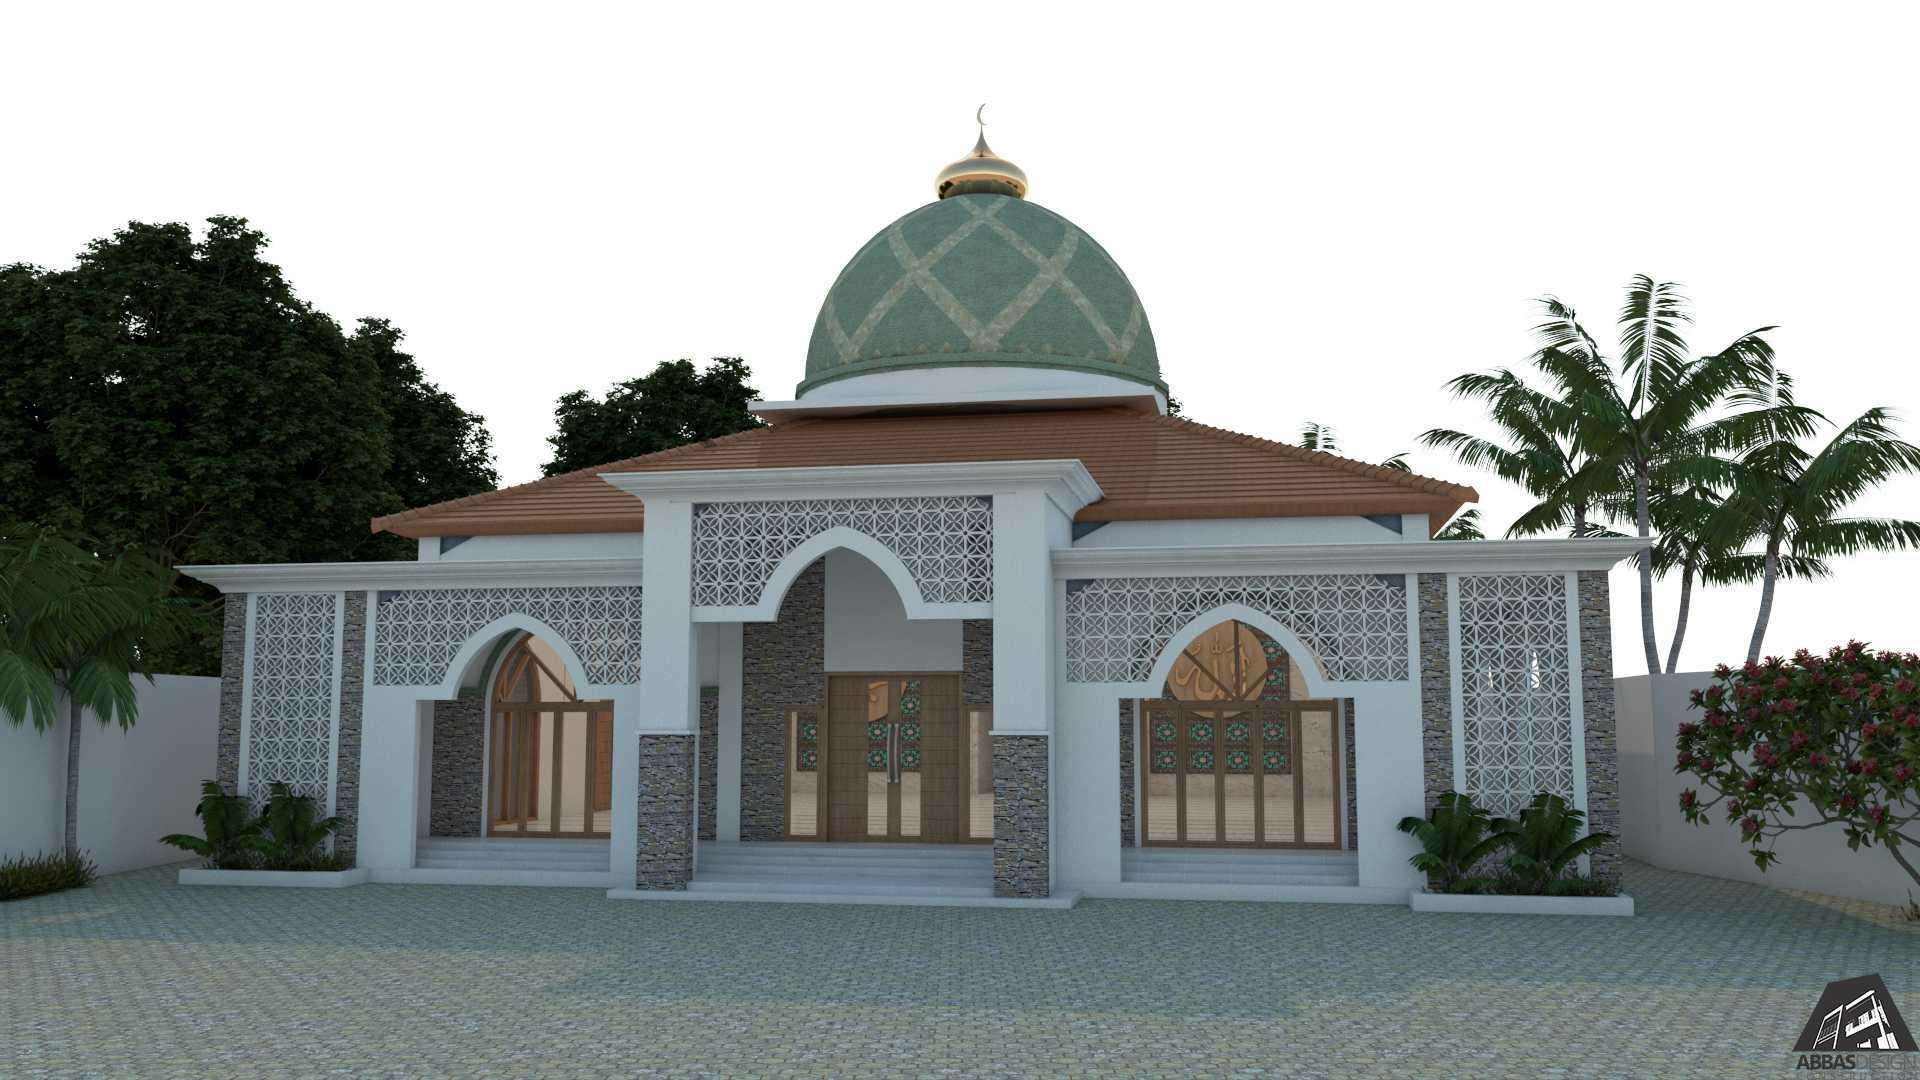 Jasa Arsitek Abbas Design Construction di Lampung Barat